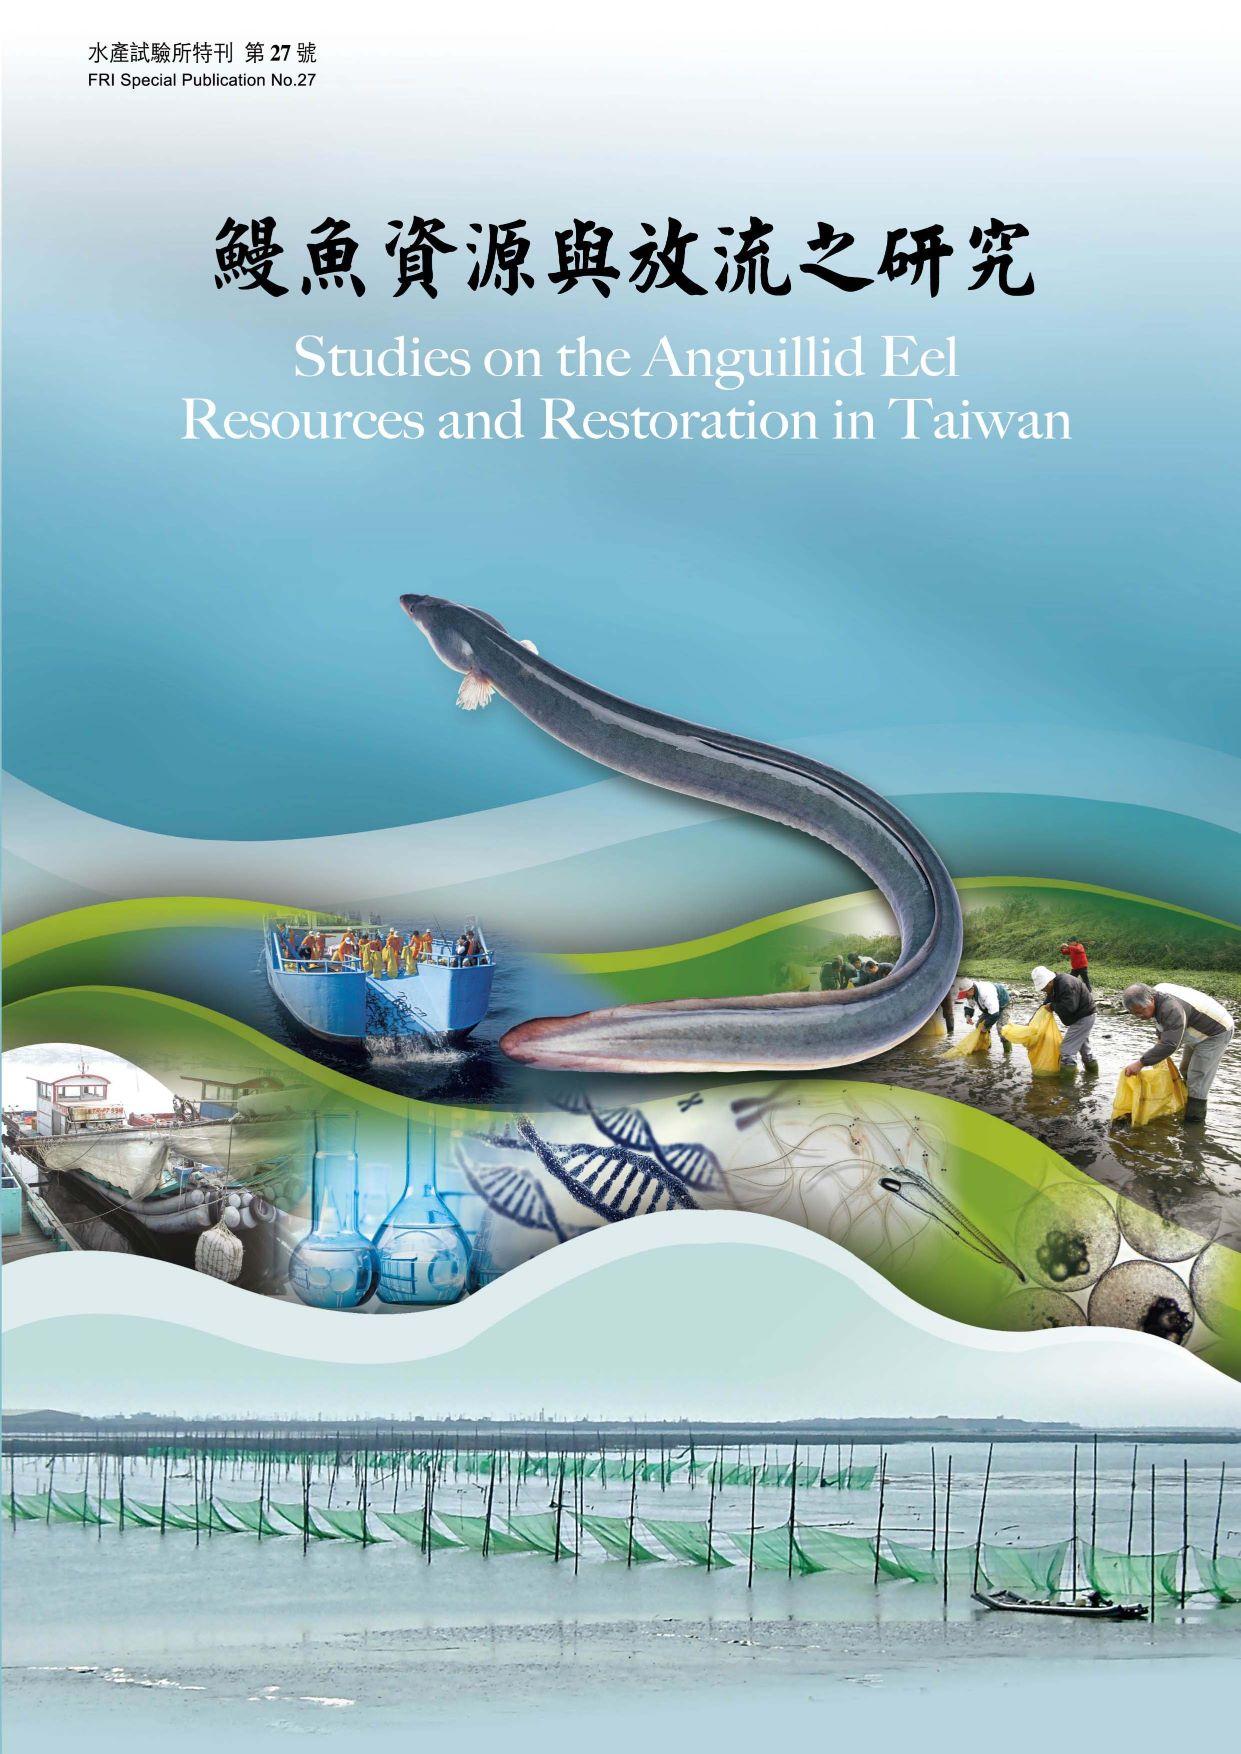 鰻魚資源與放流之研究(特刊第27號)